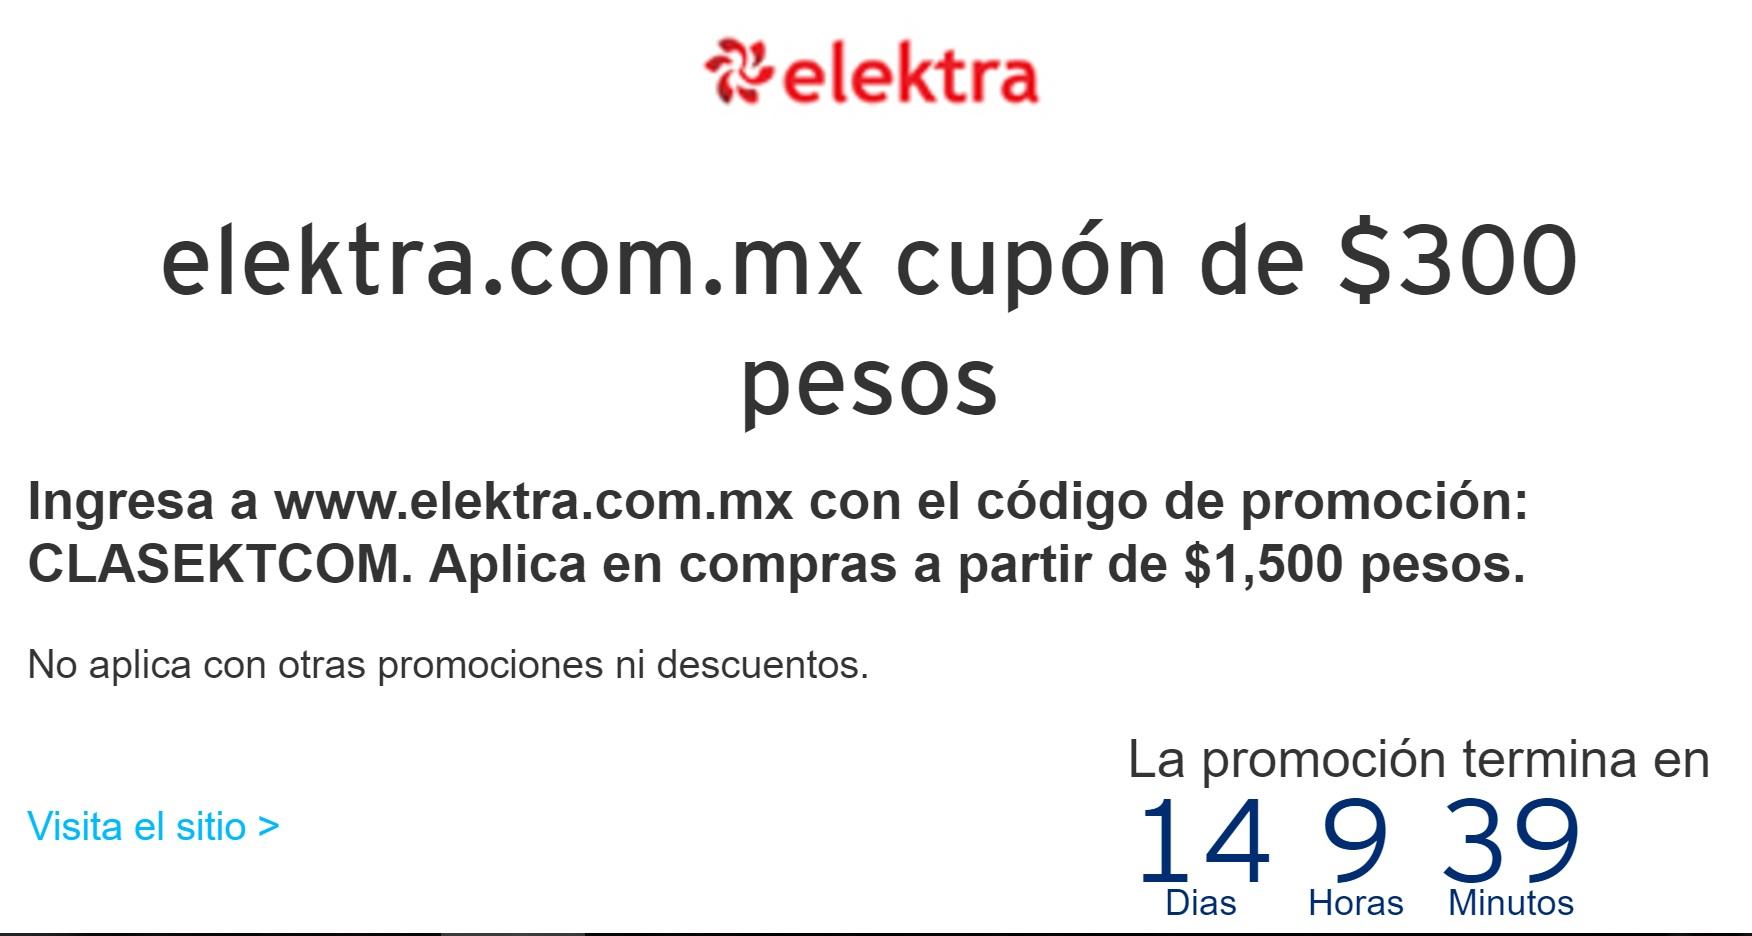 Elektra en línea: cupón de $300 de descuento en compras mínimas de $1,500 -Solo en la App- con Banamex Clasica